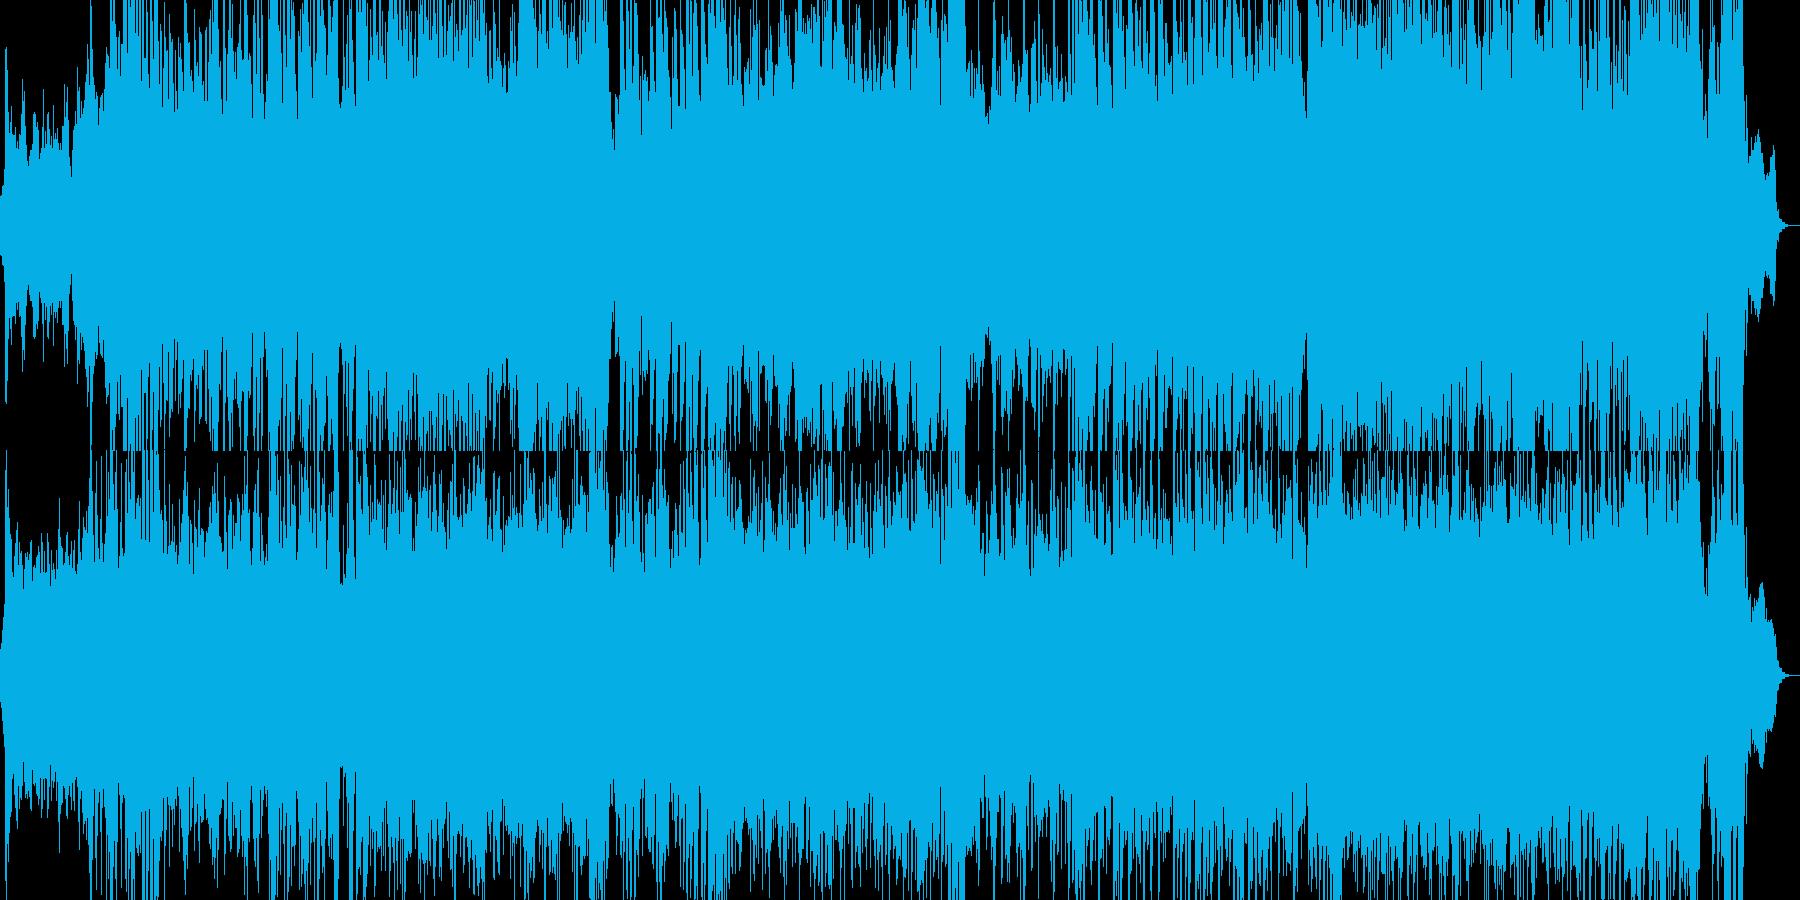 劇的で展開のあるSF映画風オーケストラ曲の再生済みの波形